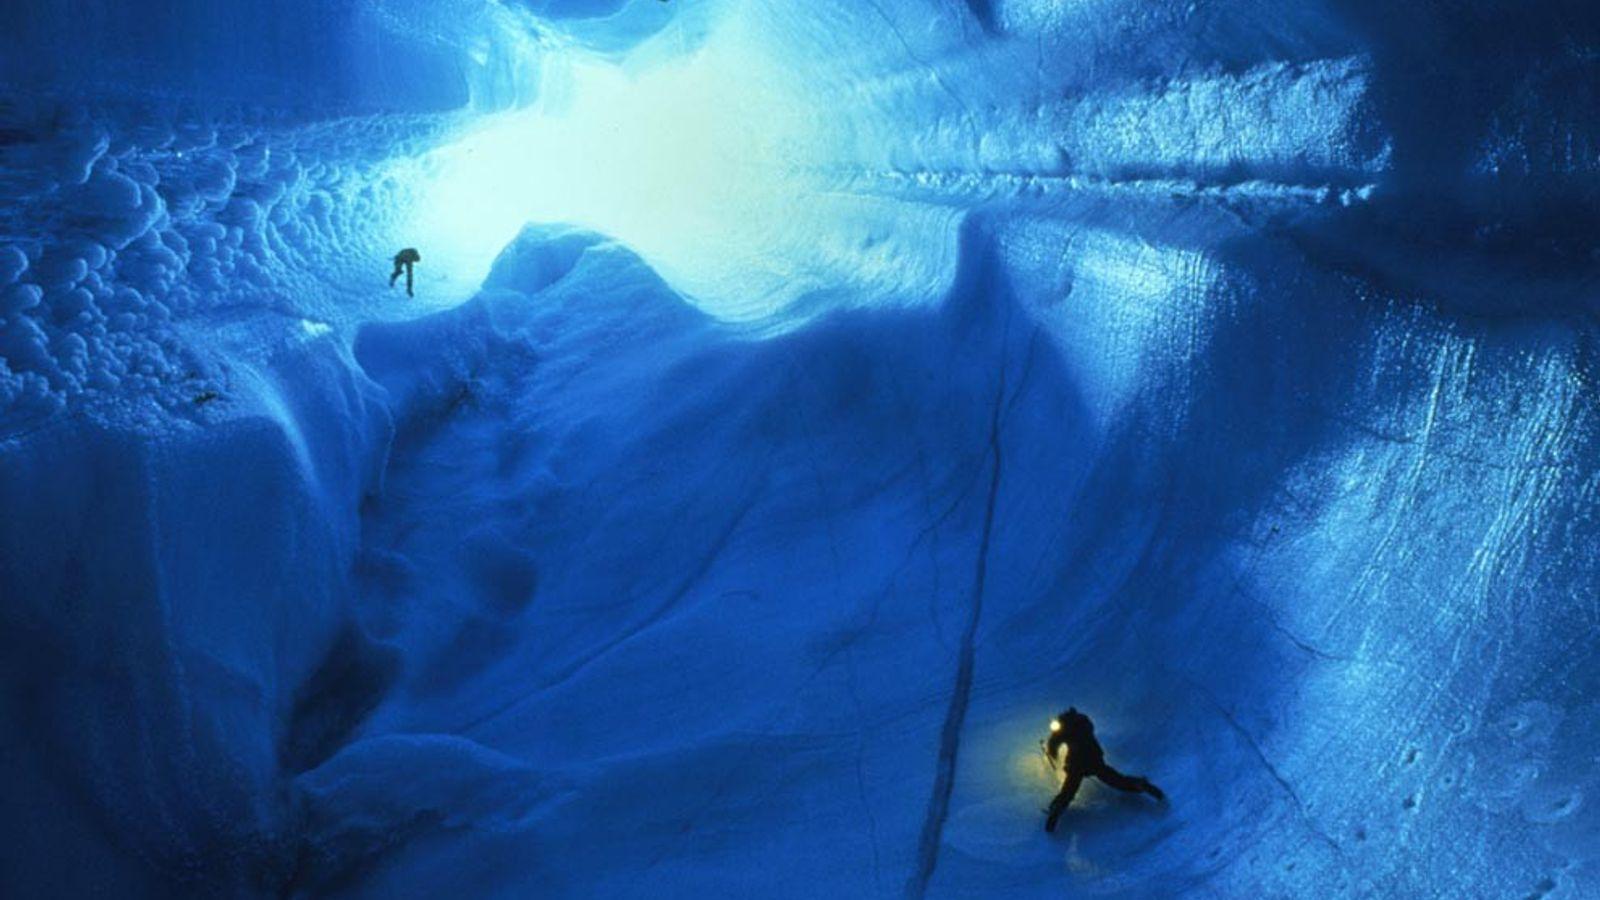 Höhlenforscher lassen sich in eine 90 Meter tiefe Gletscherhöhle im Grönländischen Eisschild hinab. Solche Höhlen entstehen ...